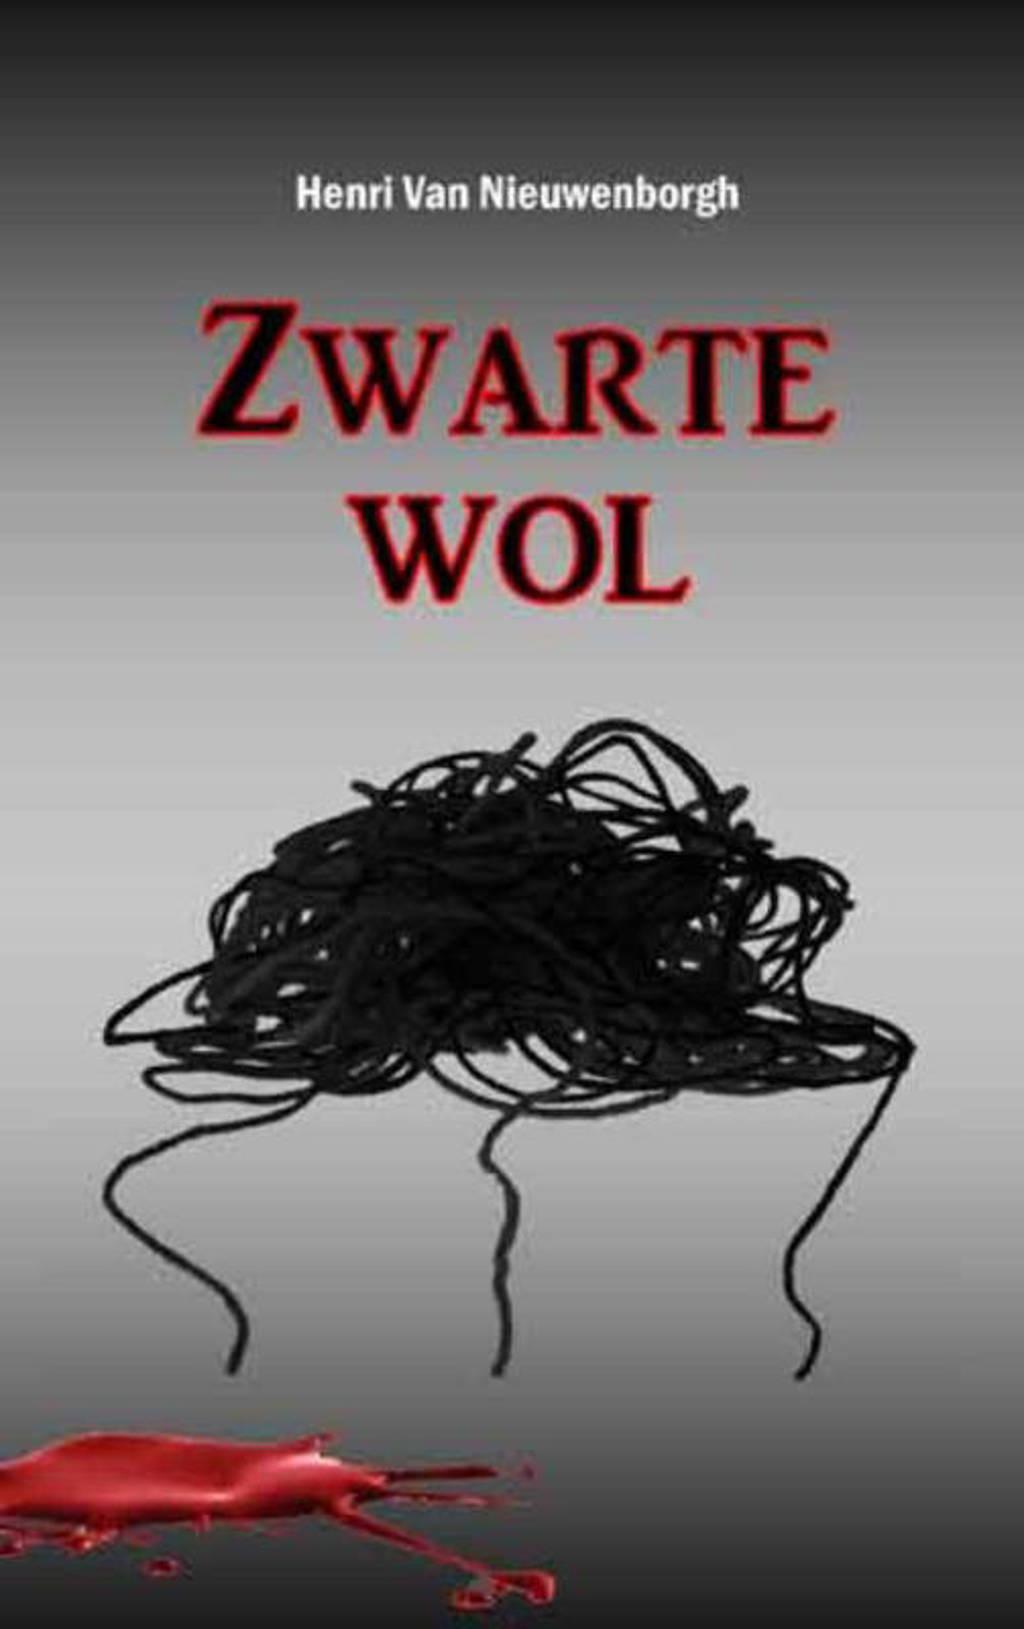 Zwarte wol - Henri Van Nieuwenborgh